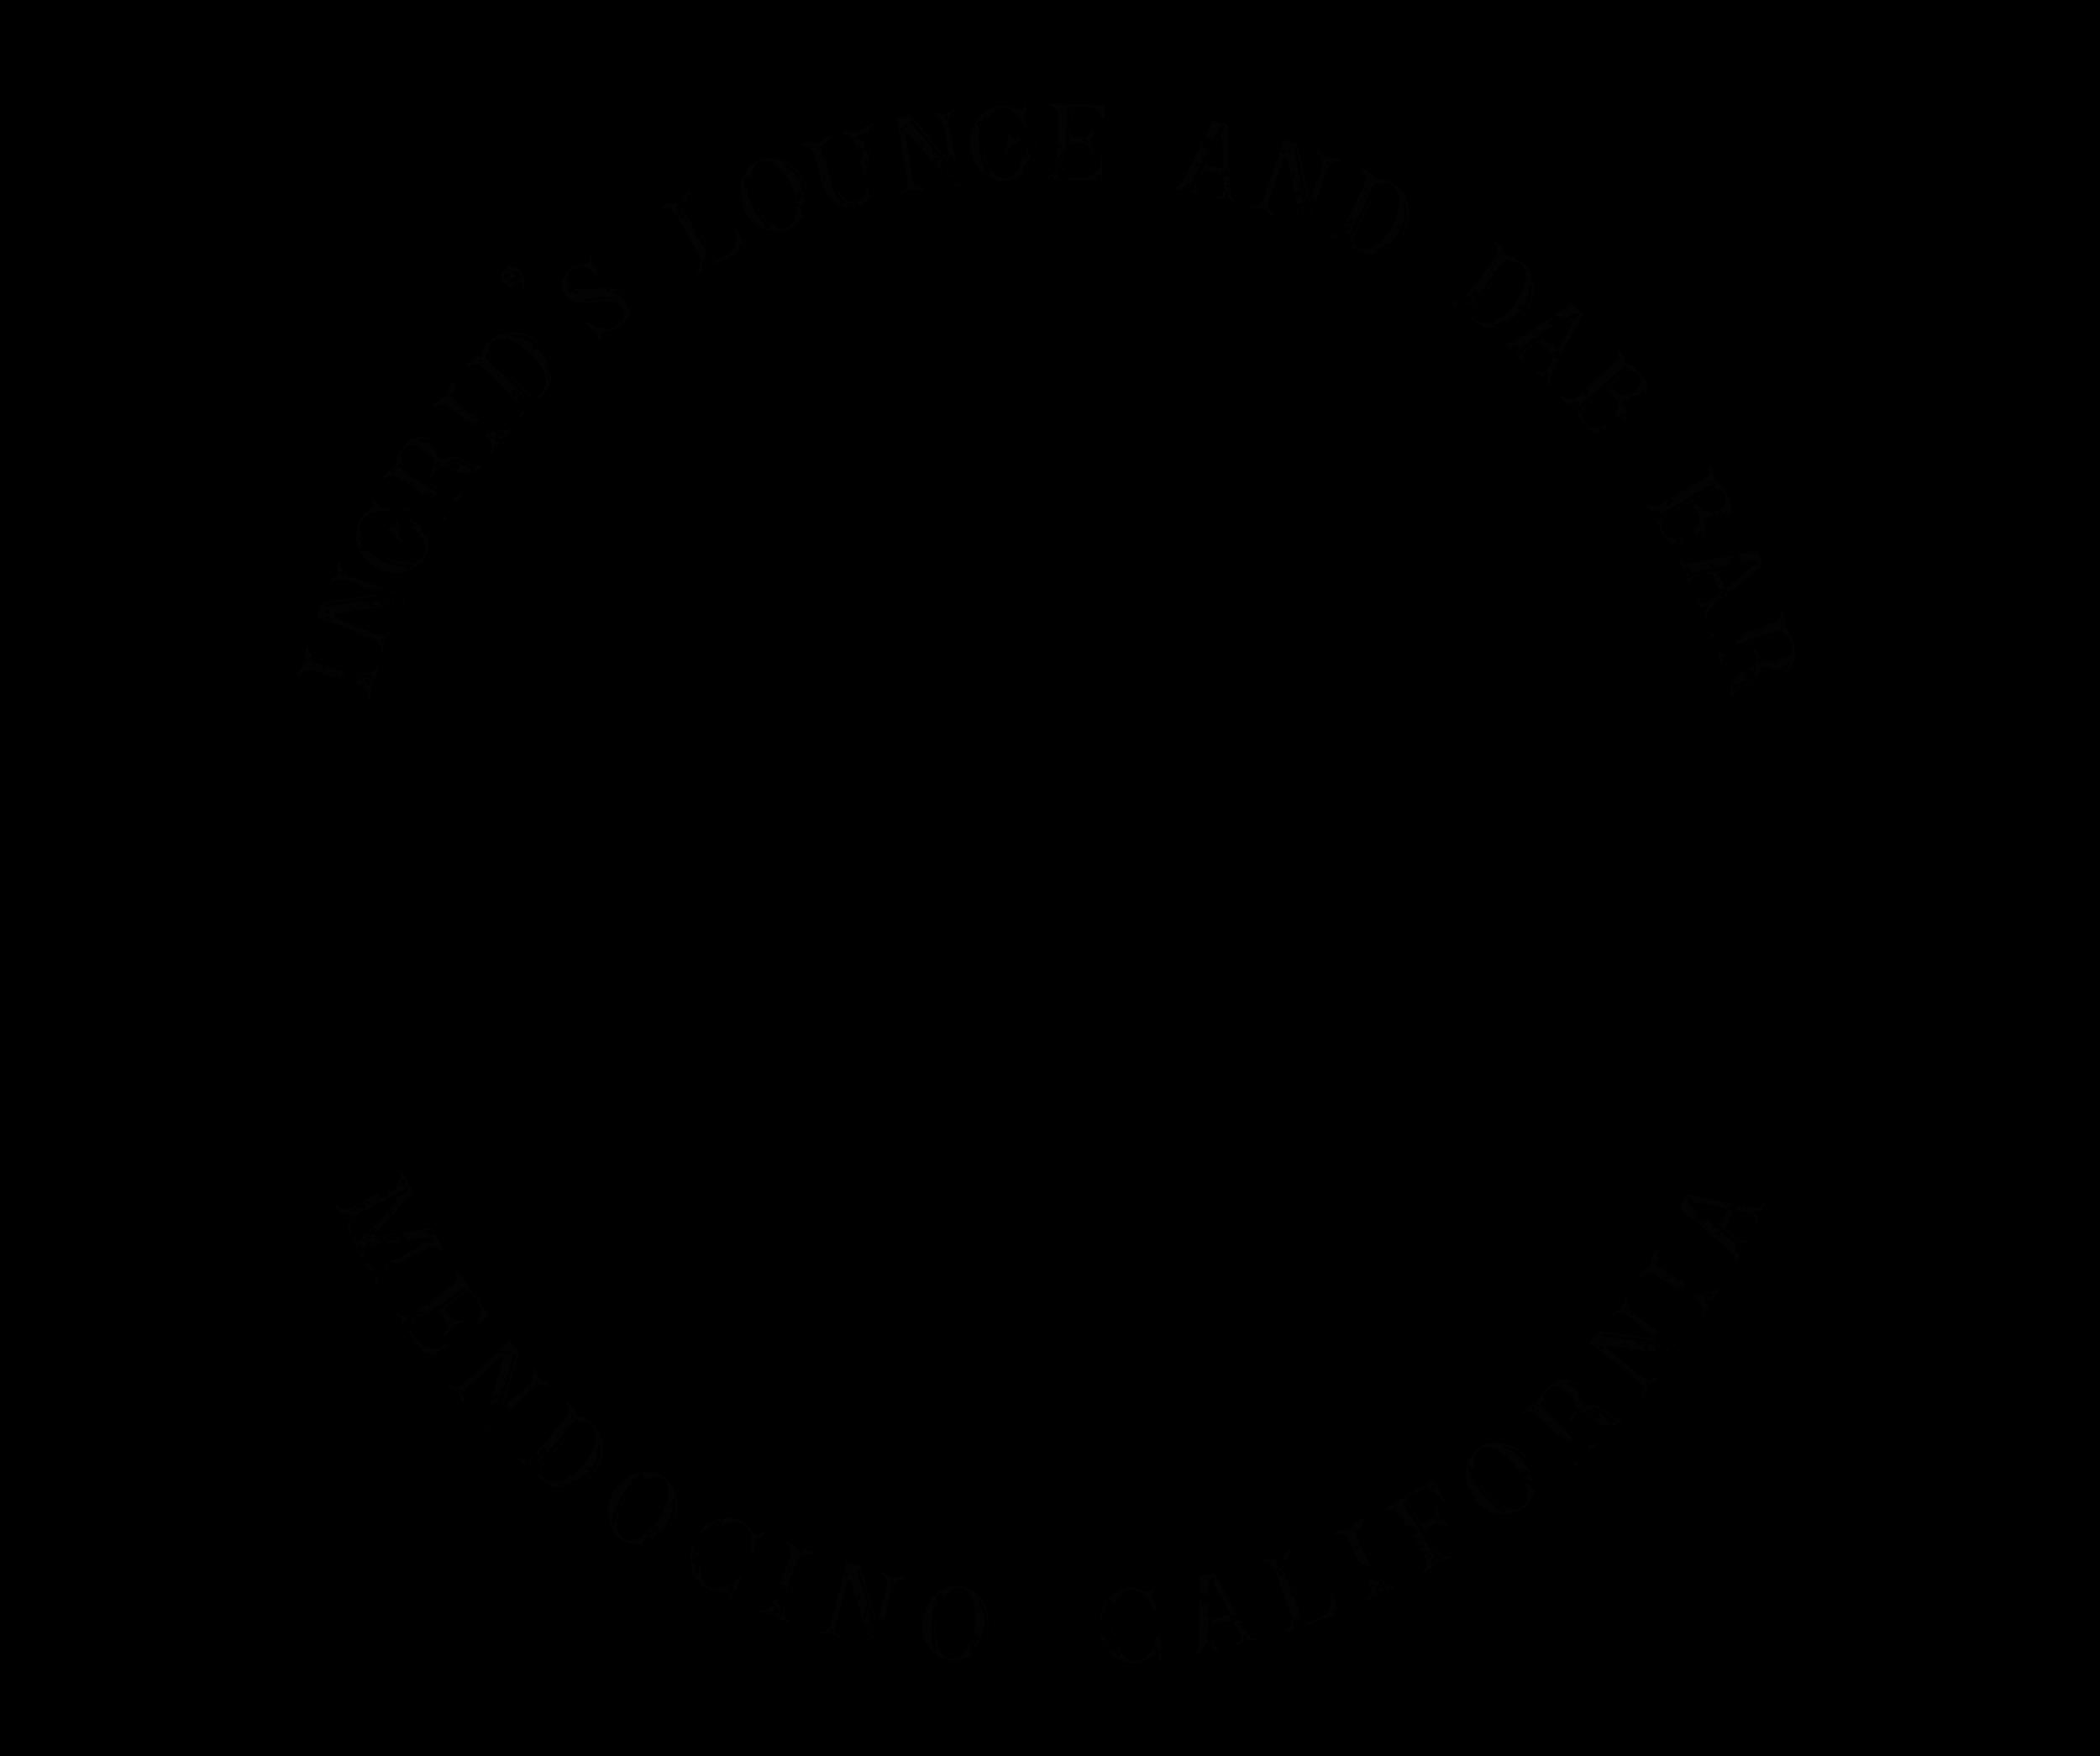 Ingrids_Lounge_Circle_Logo_A1_Black.png